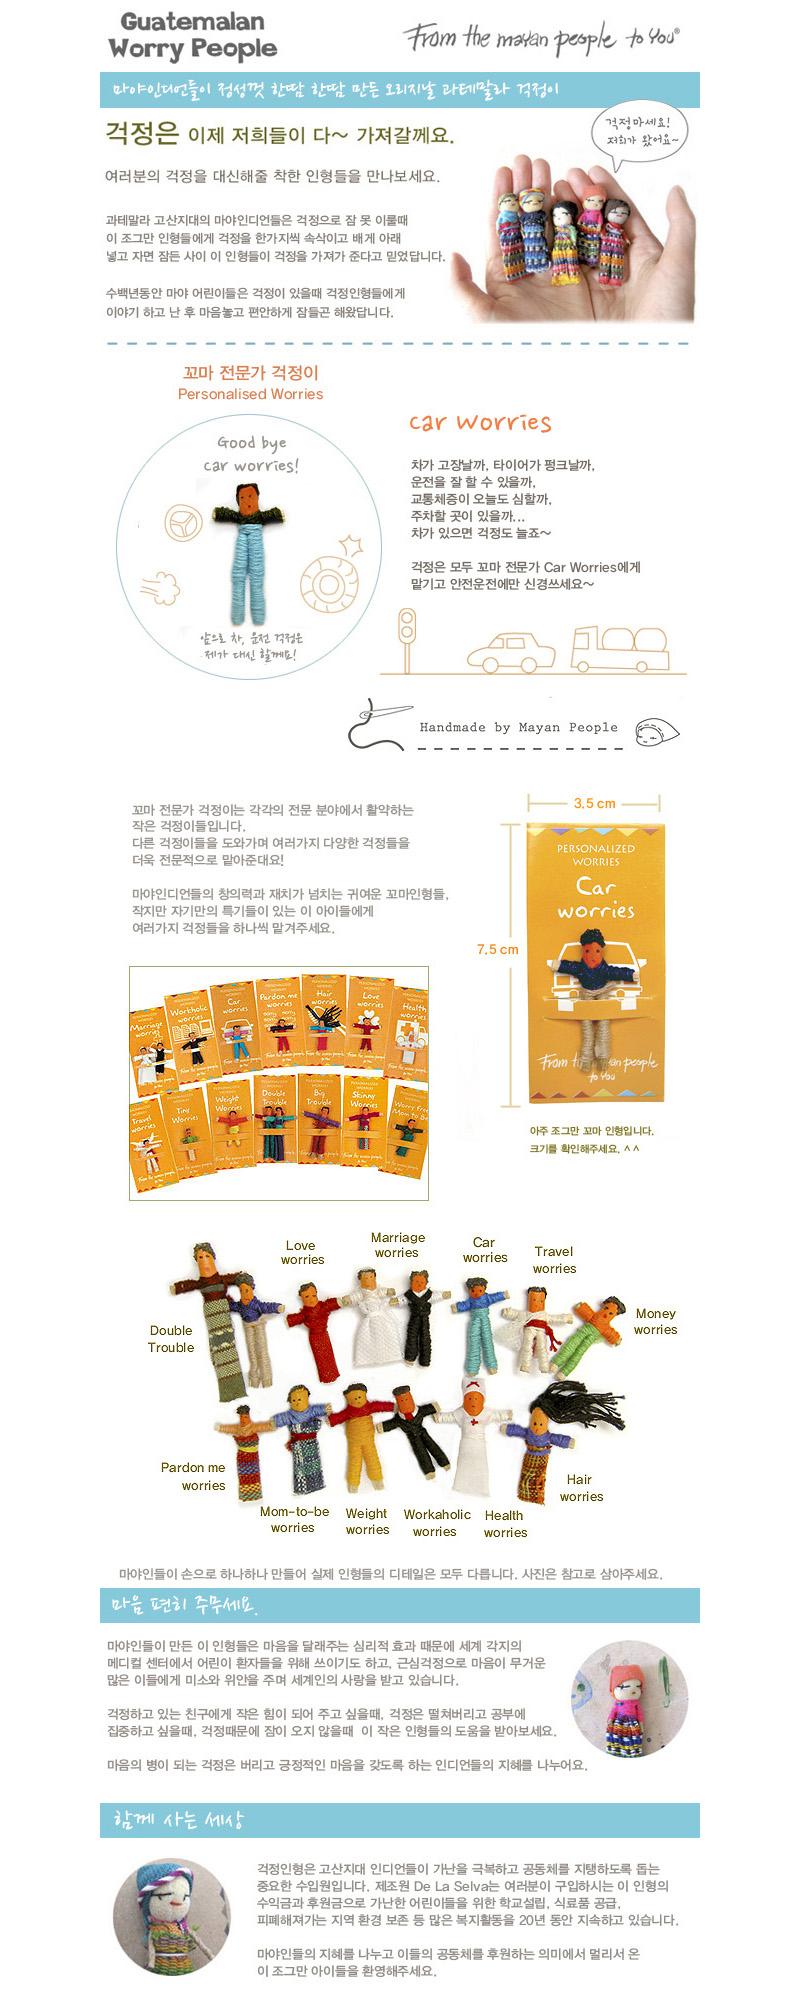 Car Worries 꼬마 전문가 걱정인형 - 워리피플, 2,500원, 걱정인형, 워리피플